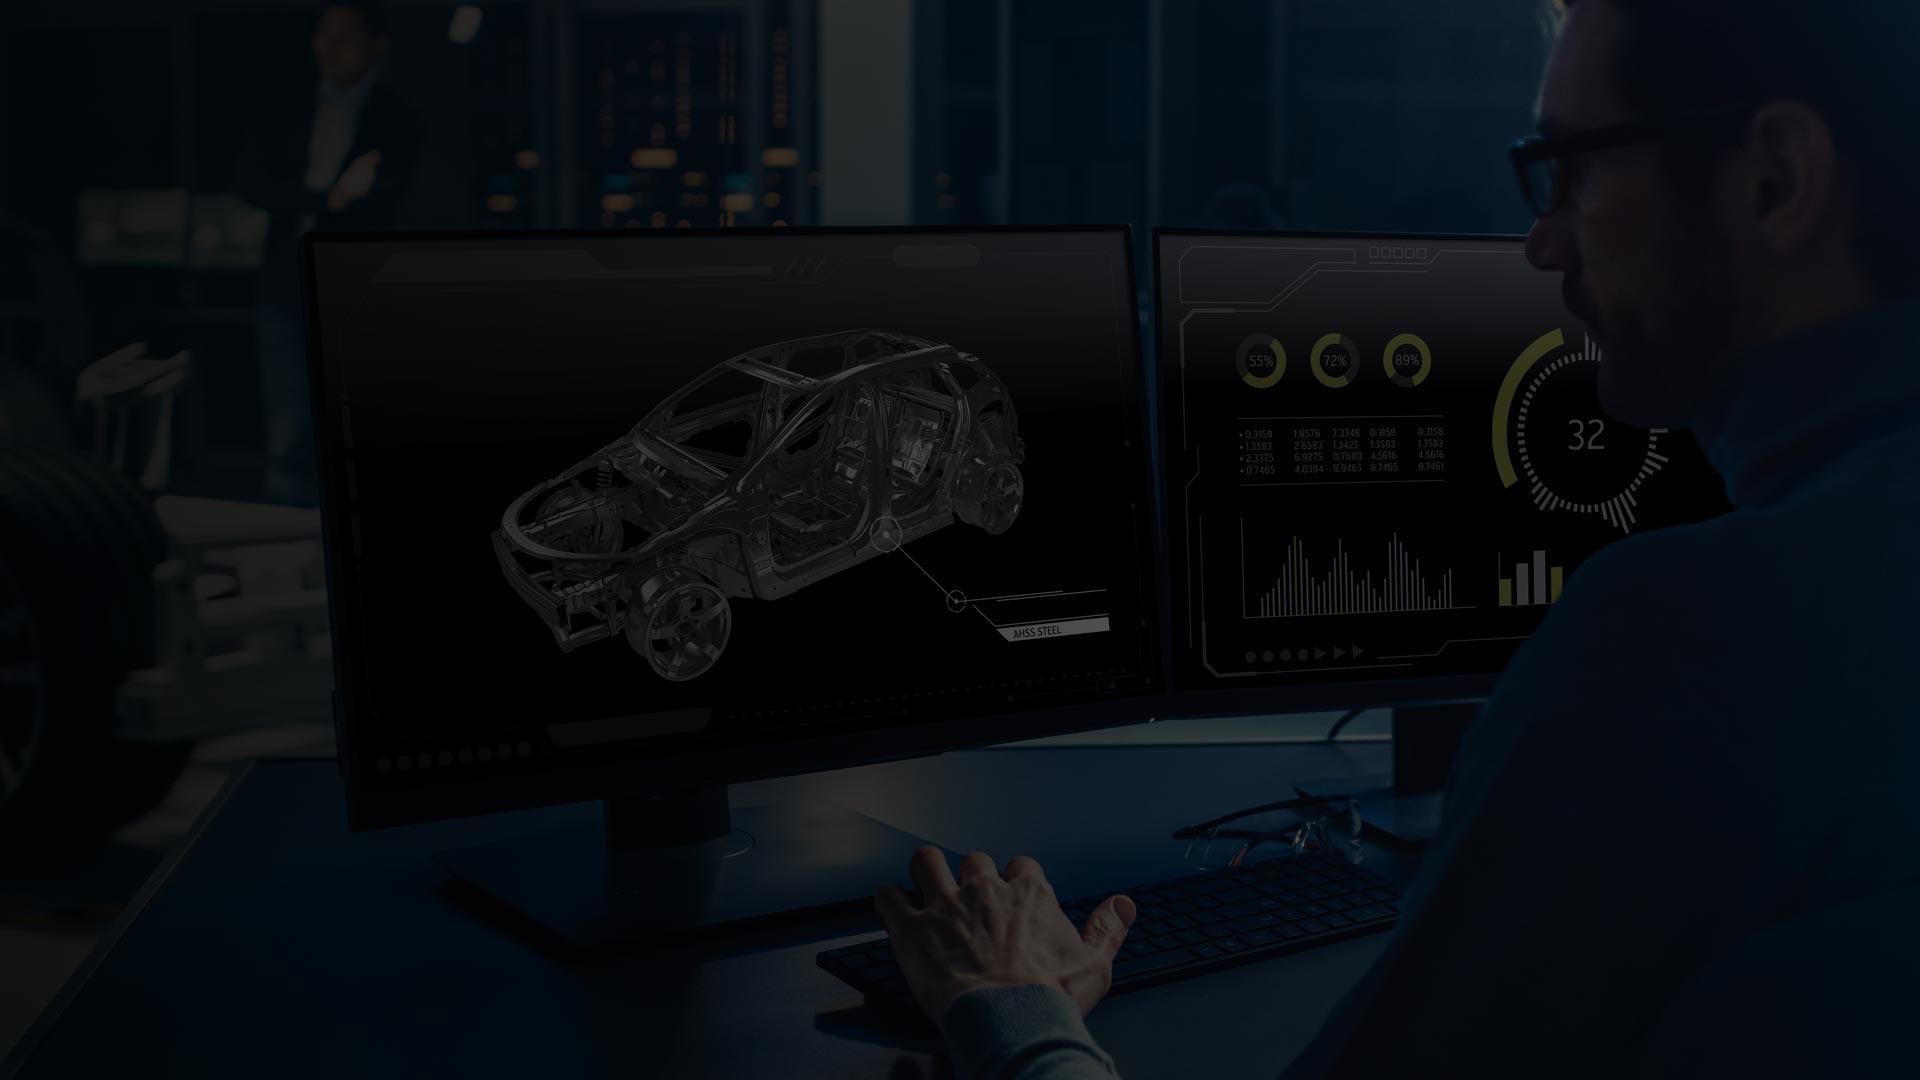 Risorse Docol per l'industria automobilistica